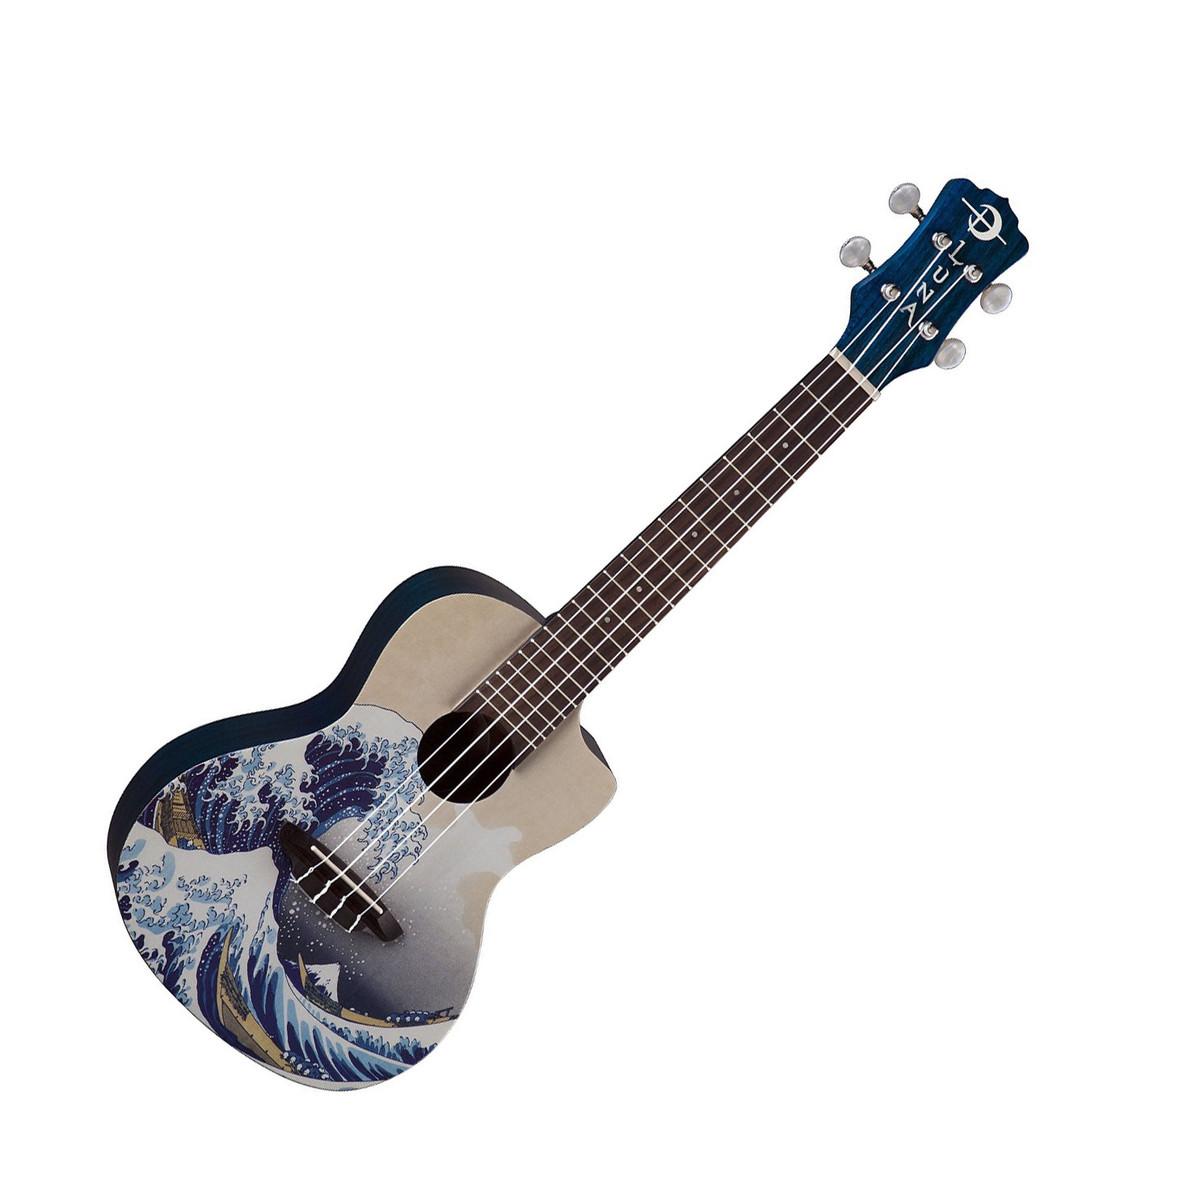 Ukul l concert de luna grande vague housse for Housse ukulele concert